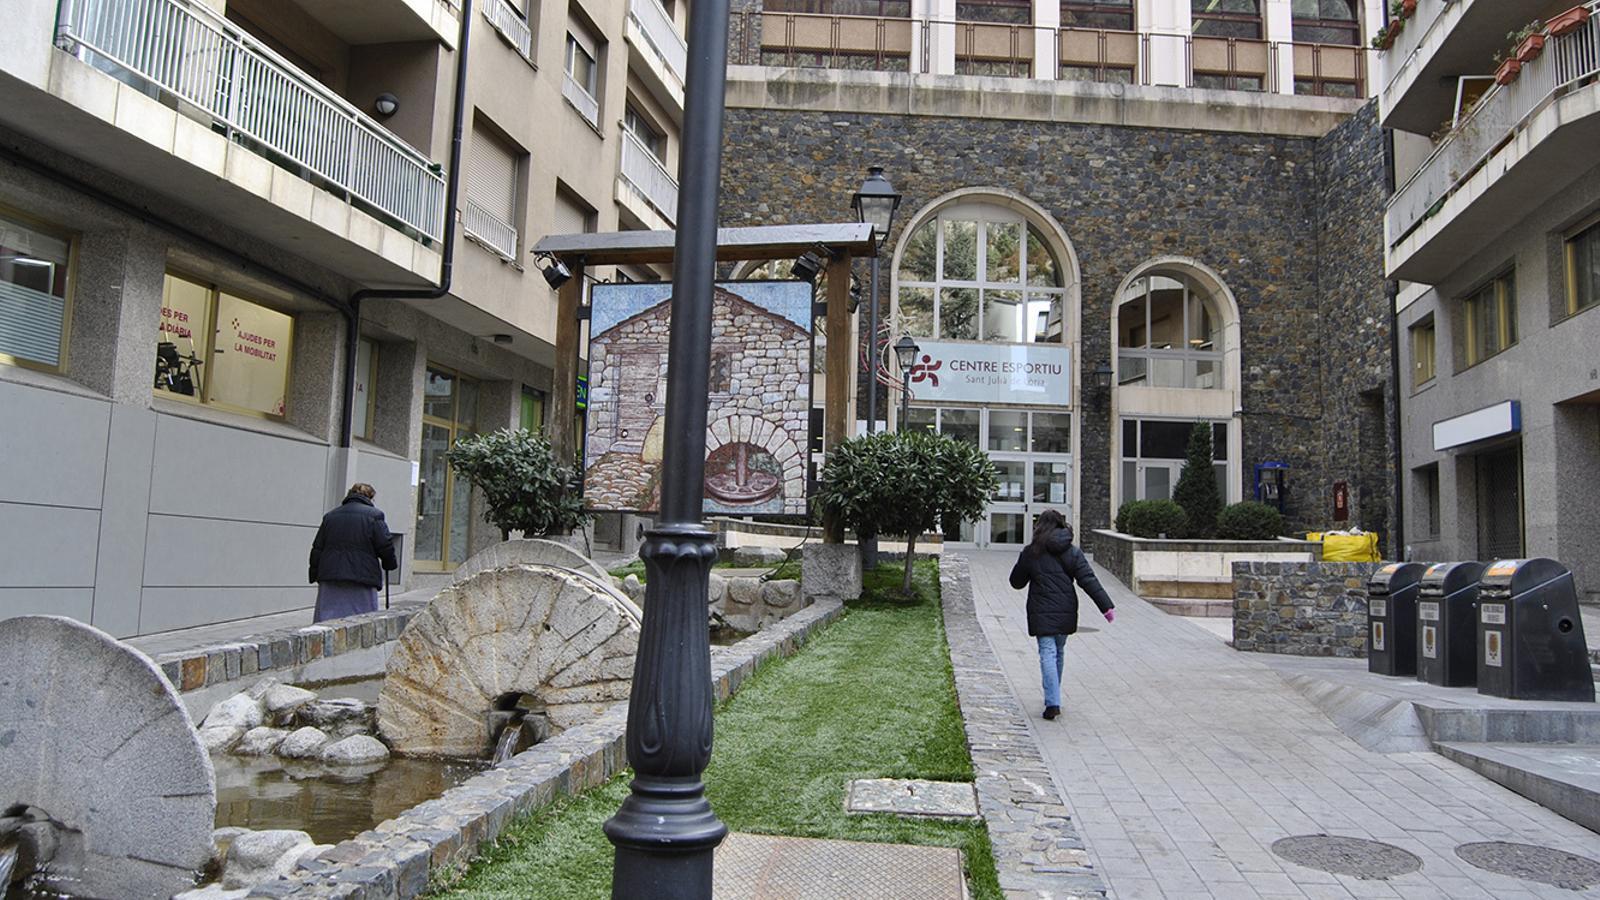 Una imatge del centre esportiu de Sant Julià de Lòria. / ARXIU ANA